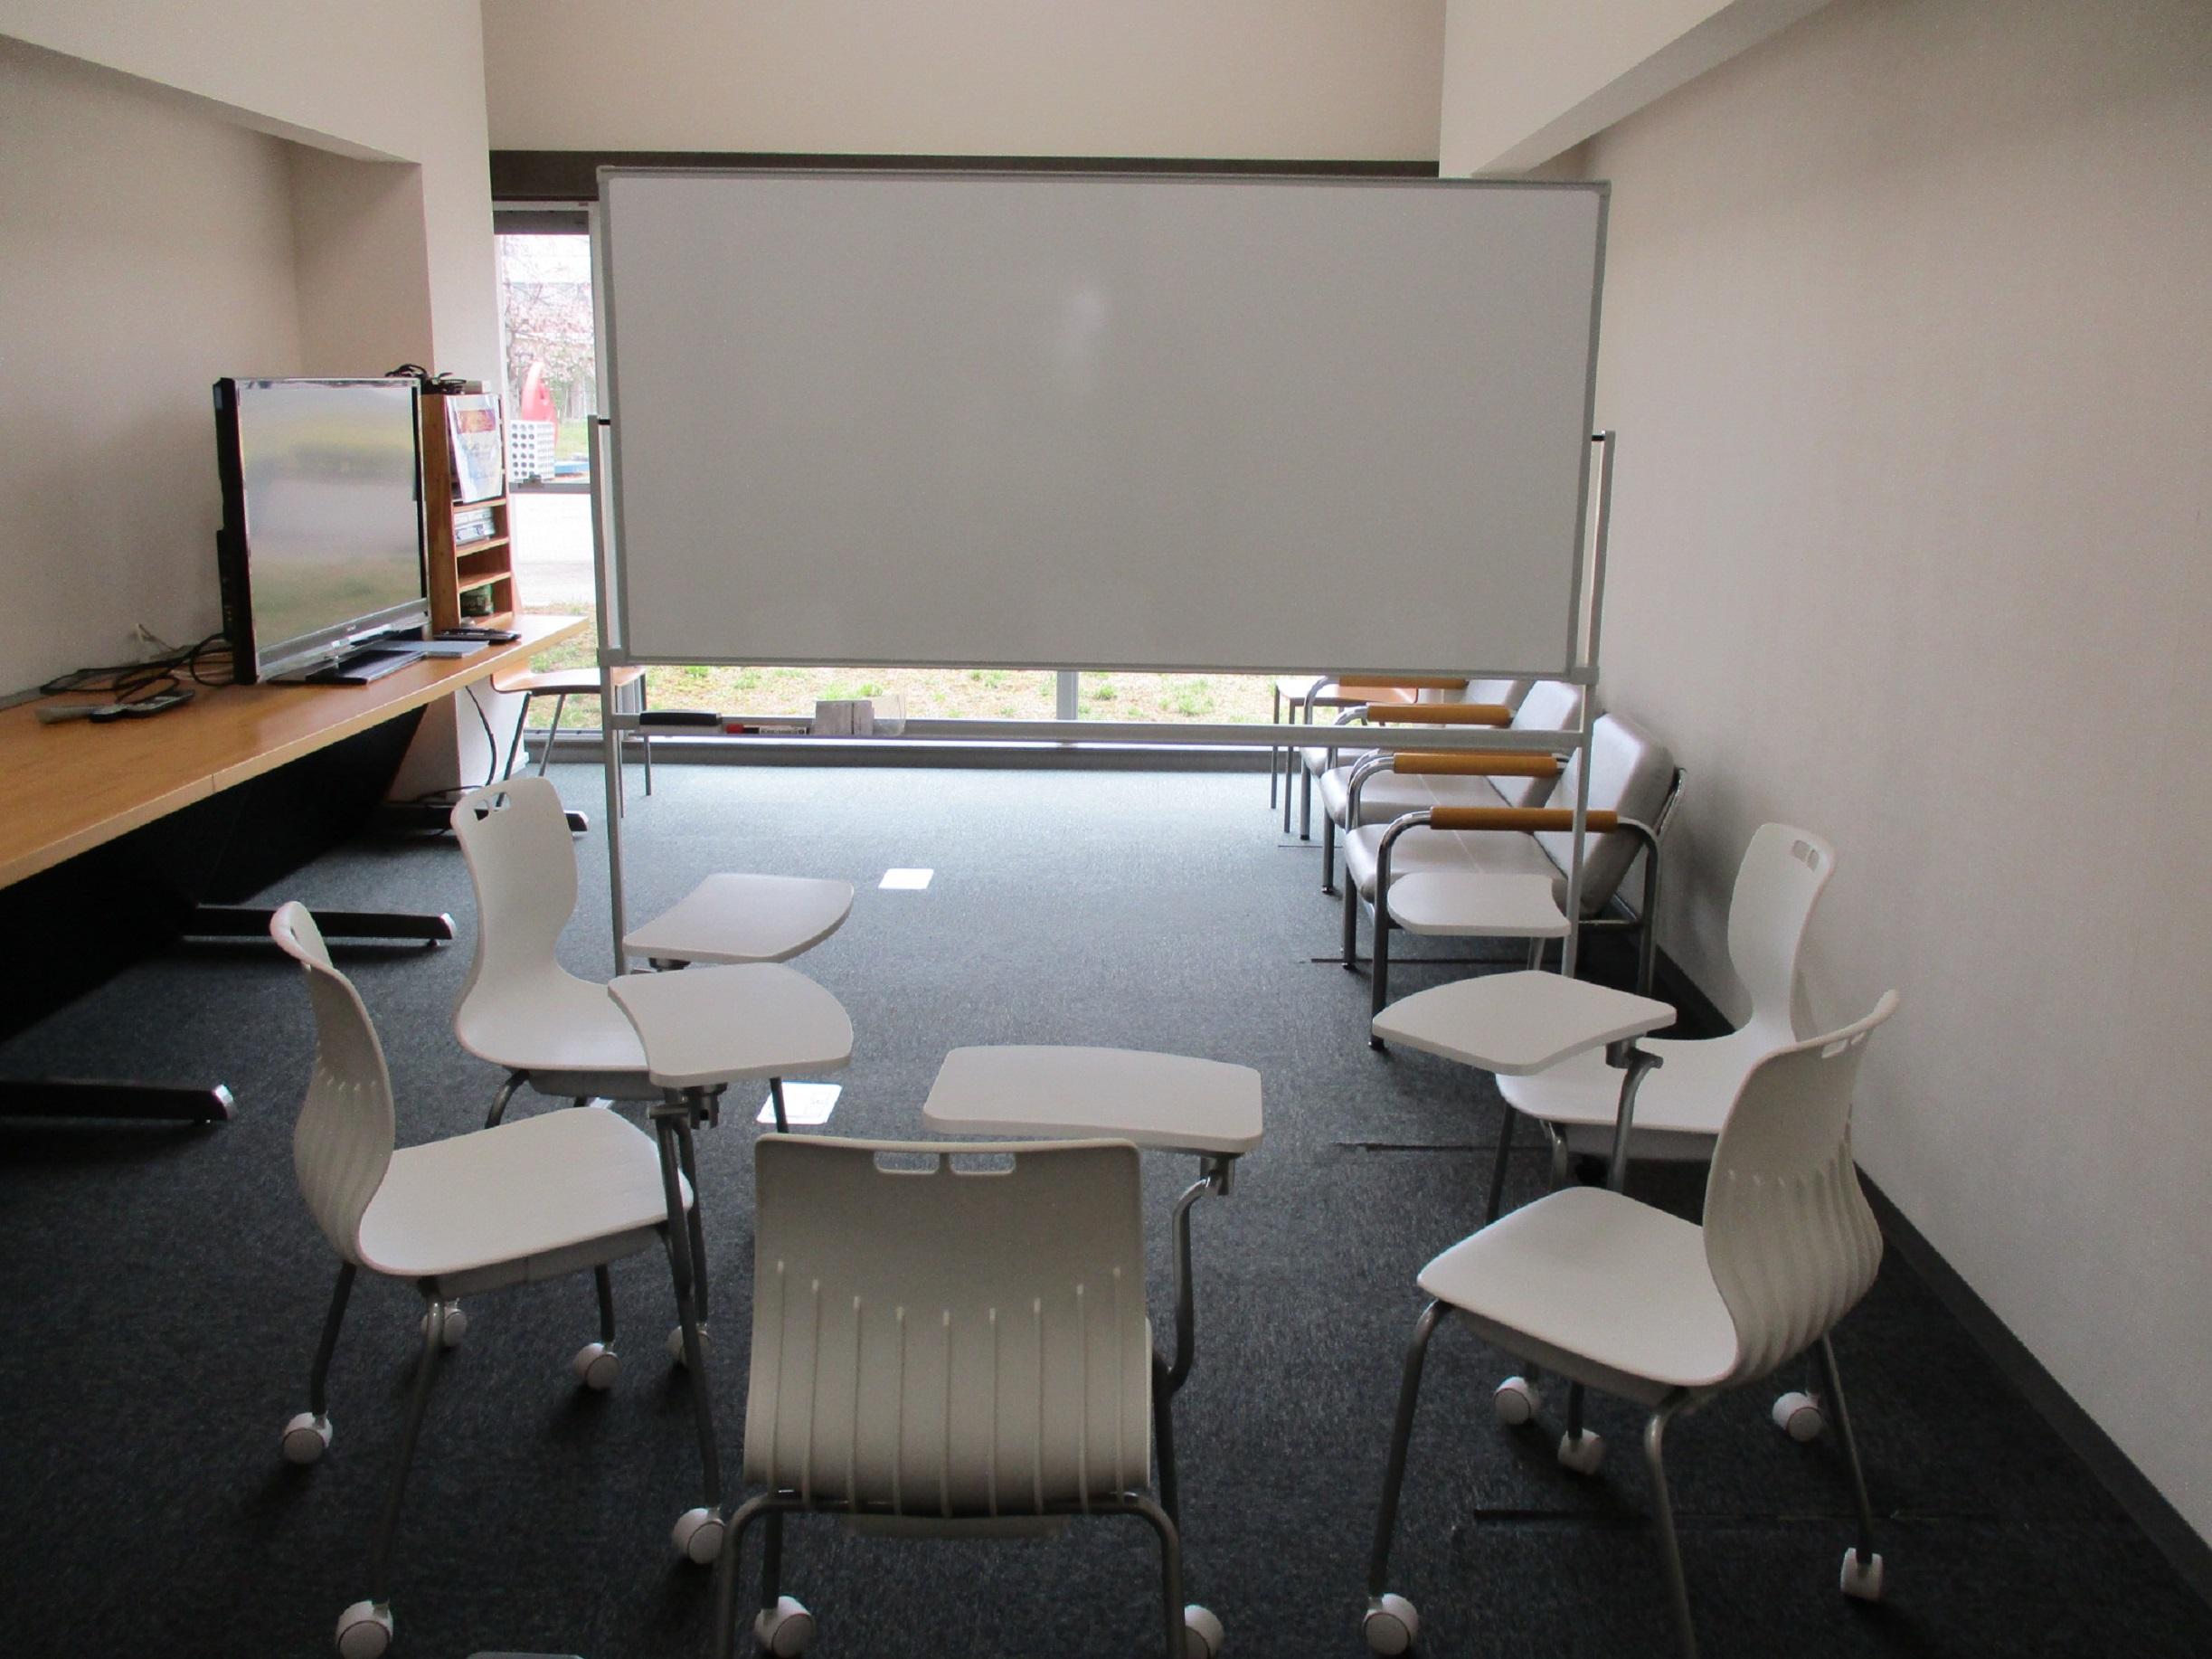 グループ利用室